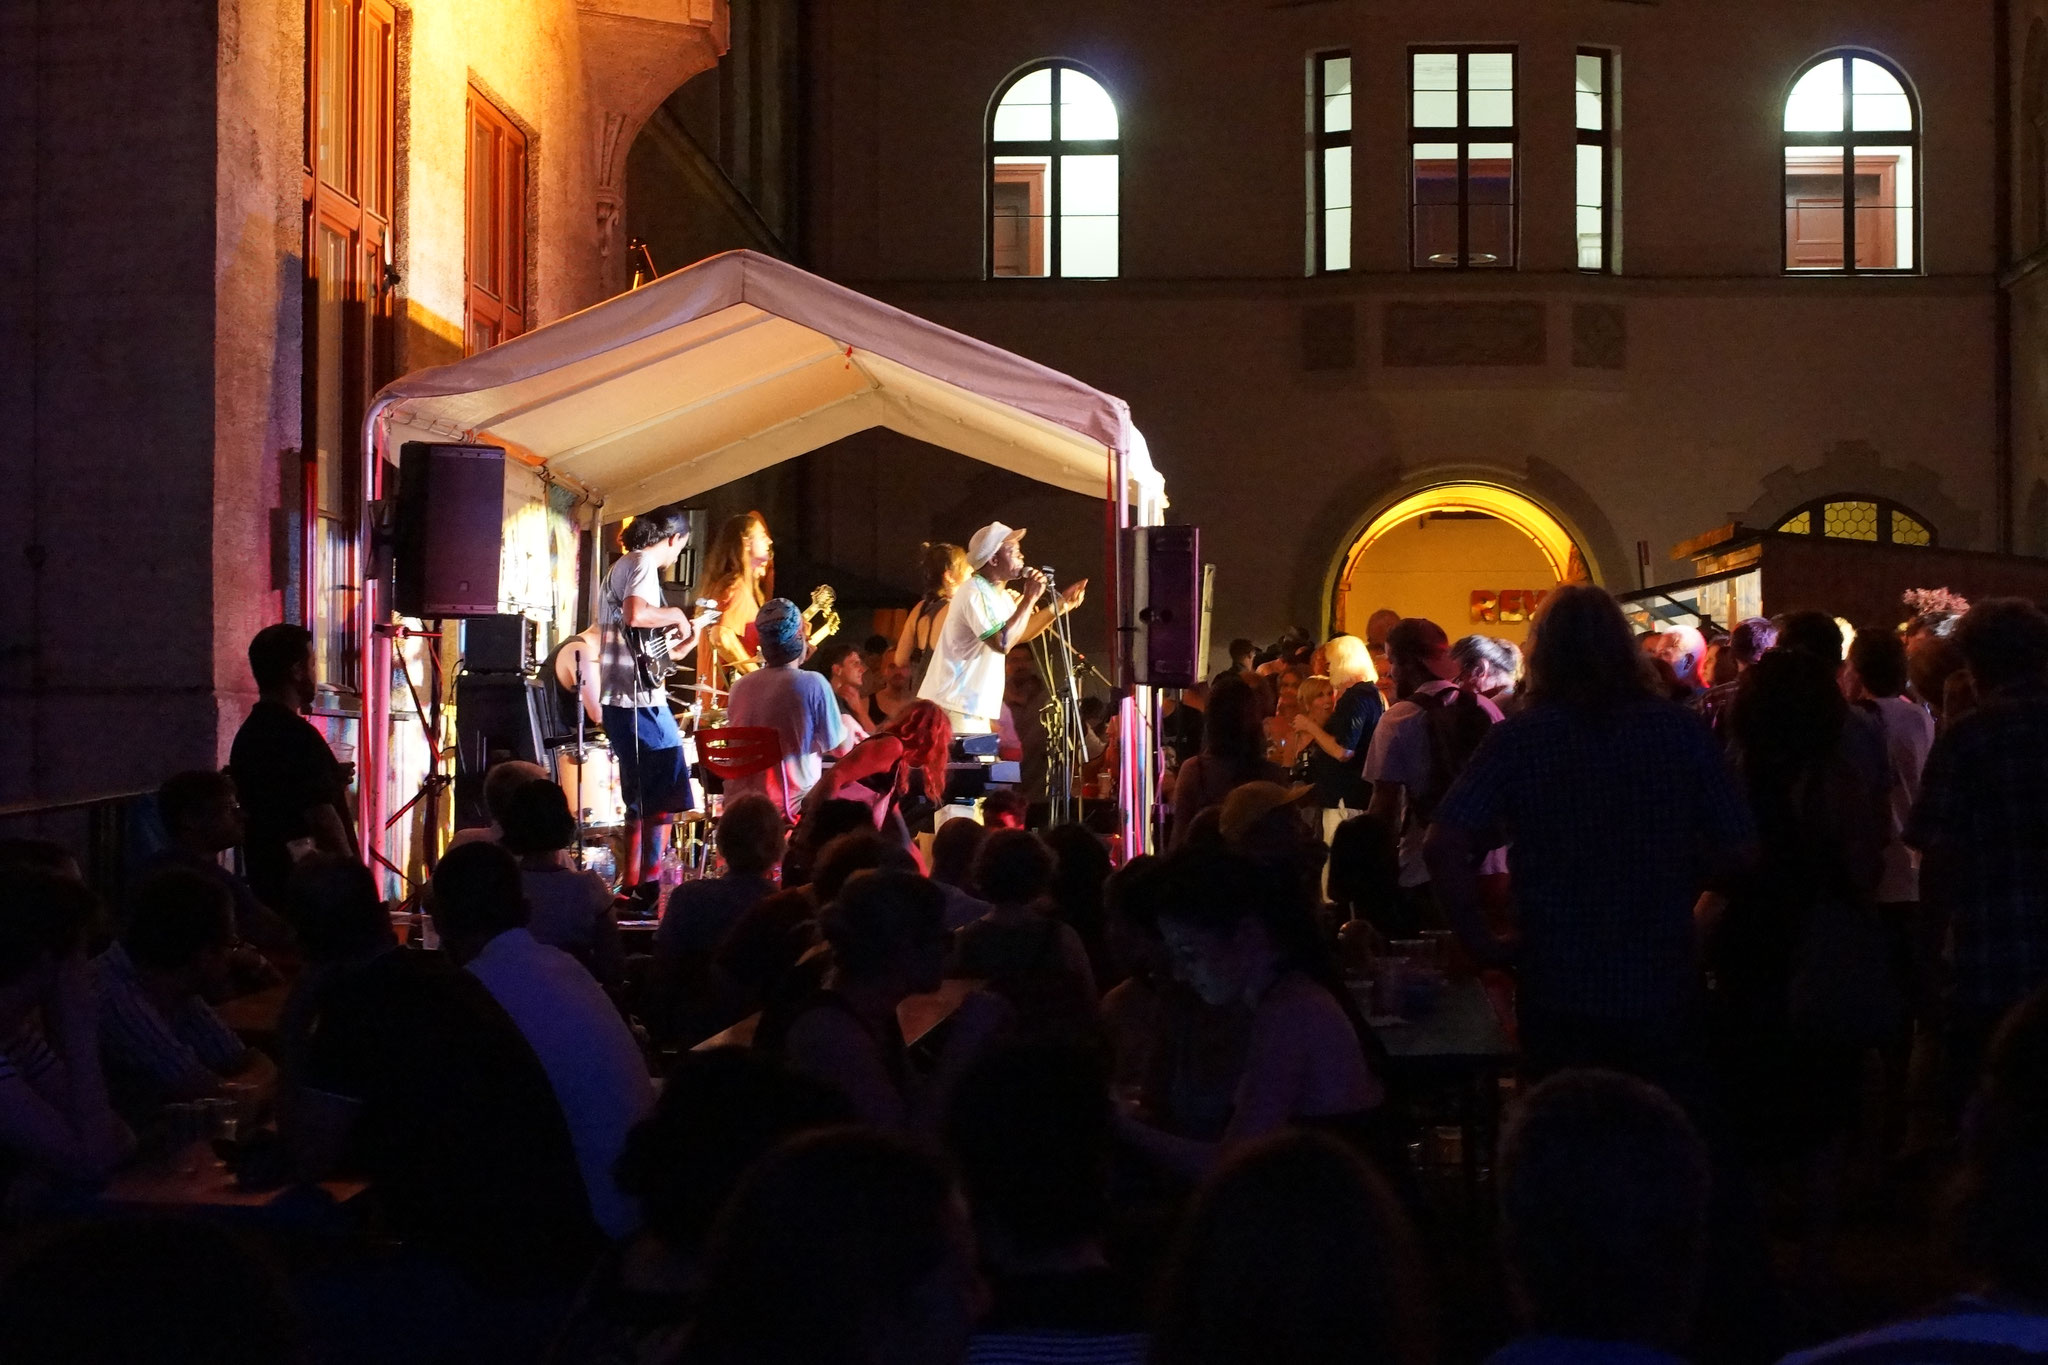 Konzerte im Bürgerhof 04.07.15 Steve Alaboh - Freiwilligen-Zentrum Augsburg - Foto: Crayfish